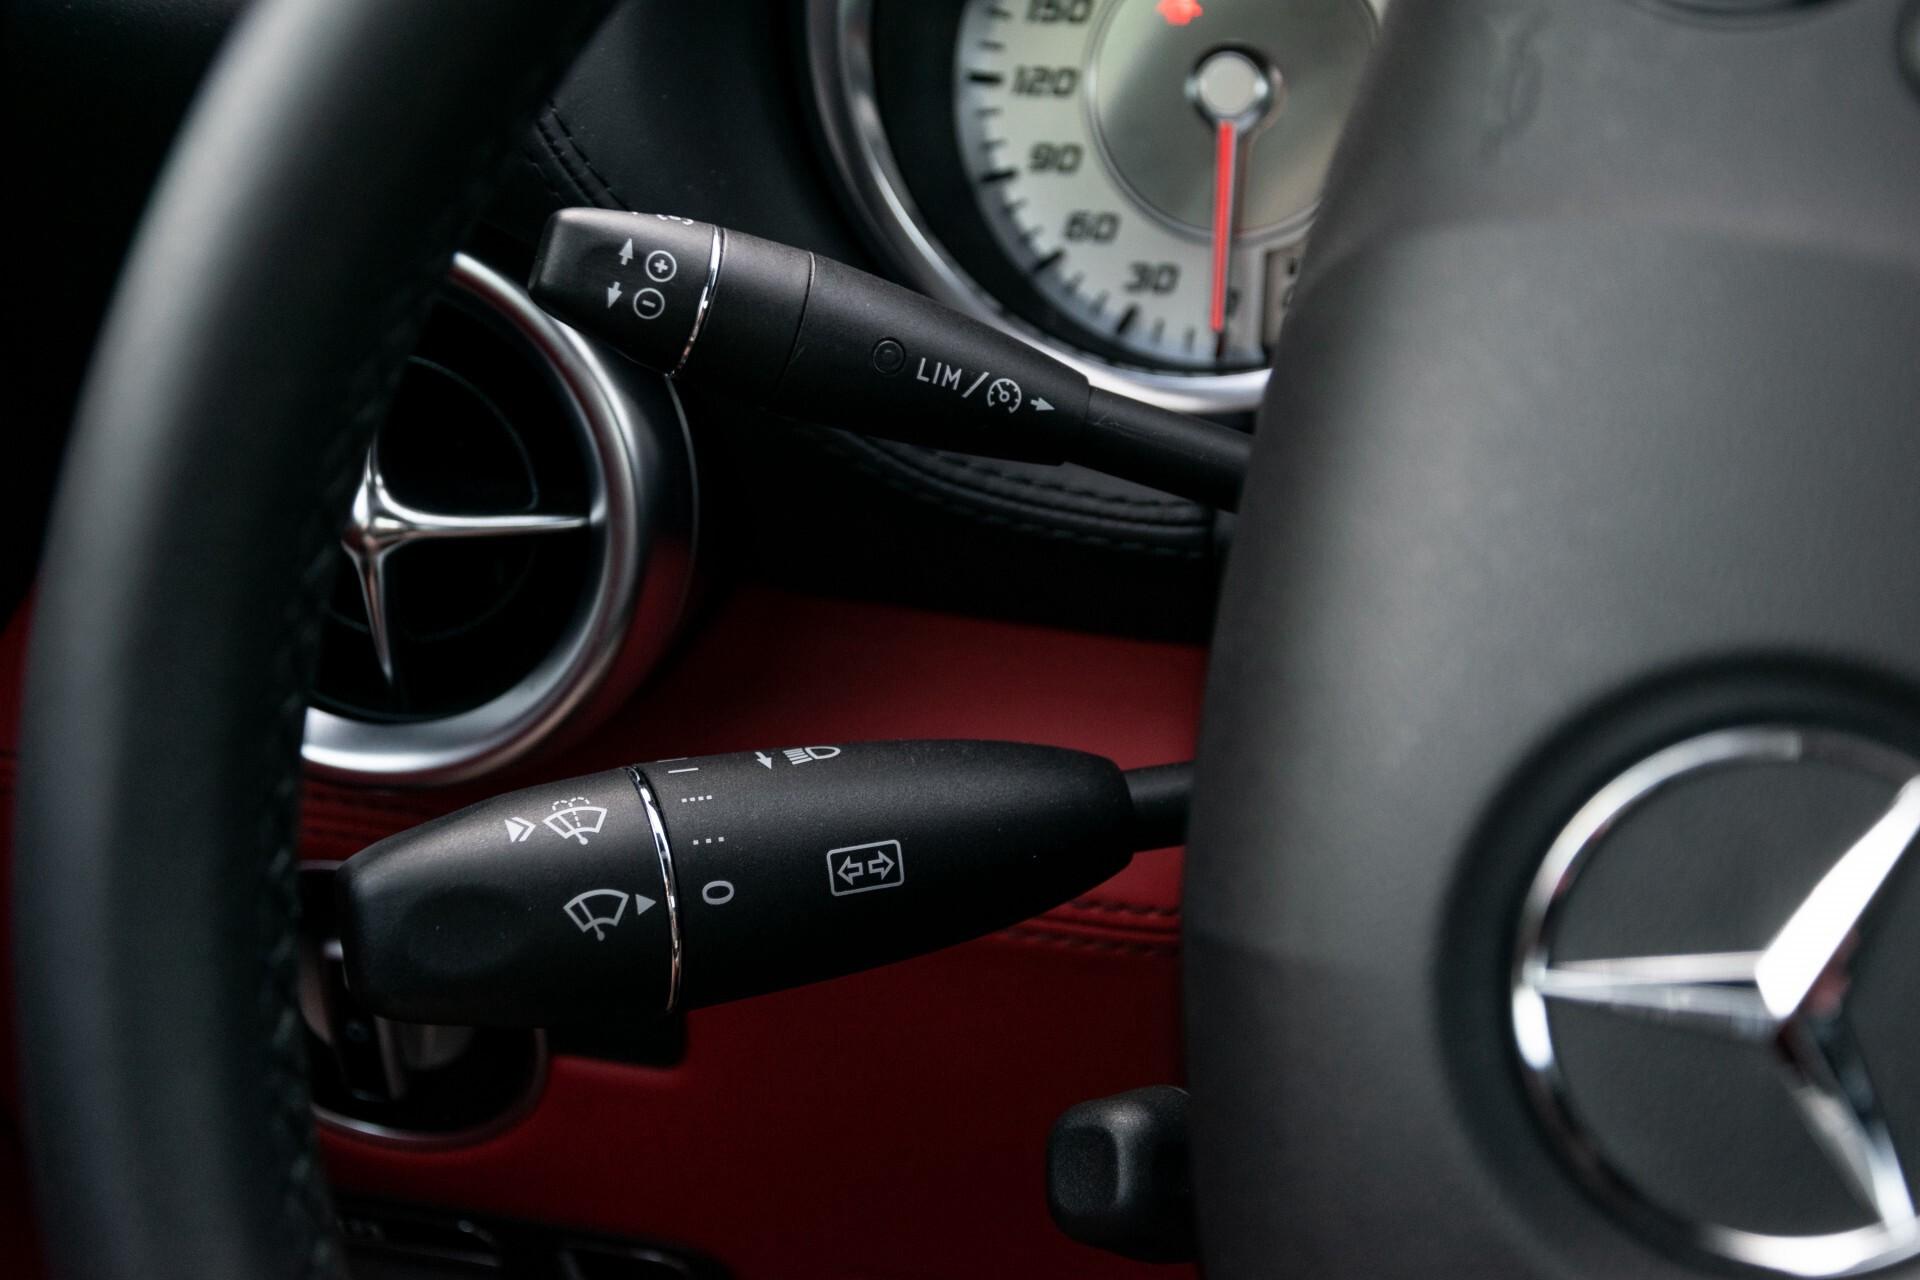 Mercedes-Benz SLS Coupé 6.3 AMG 1ste eigenaar/NL Auto FULL OPTIONS Aut7 Foto 10